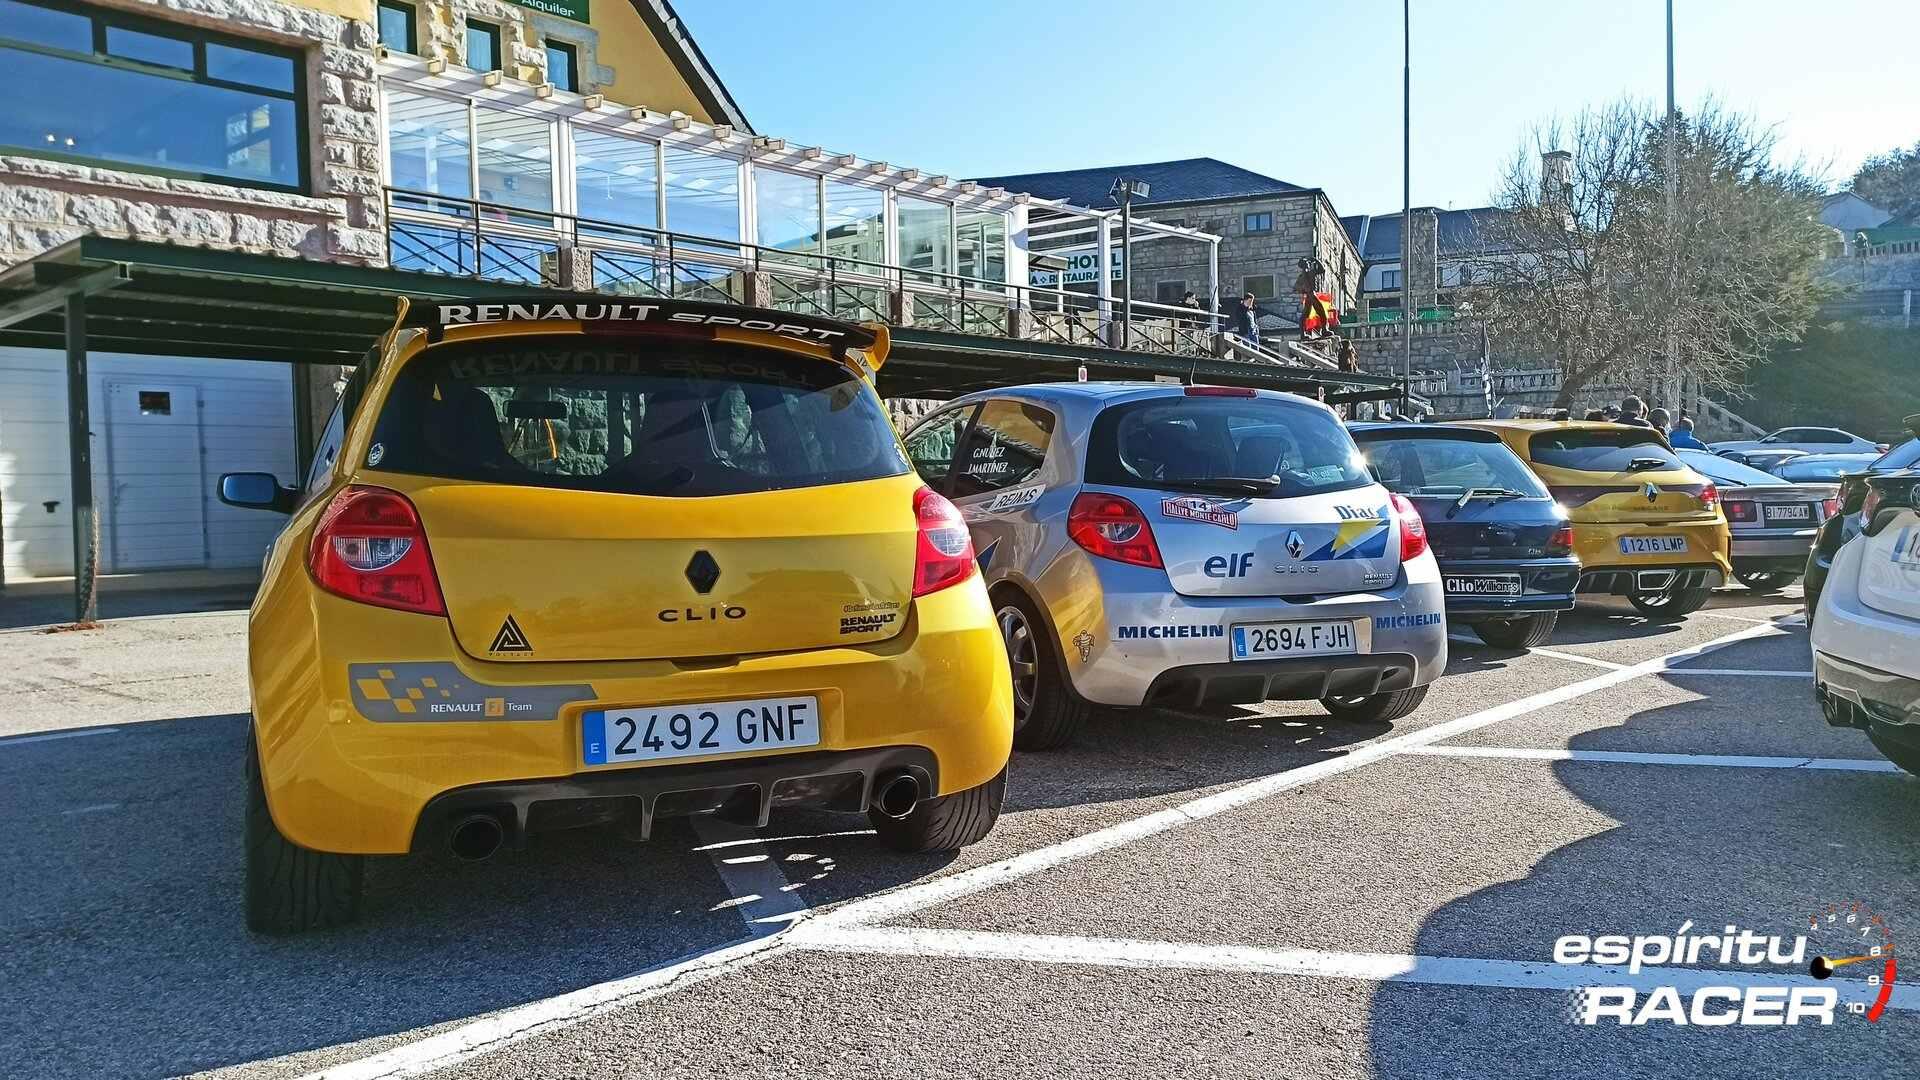 La cultura del automóvil también se aprende en los aparcamientos